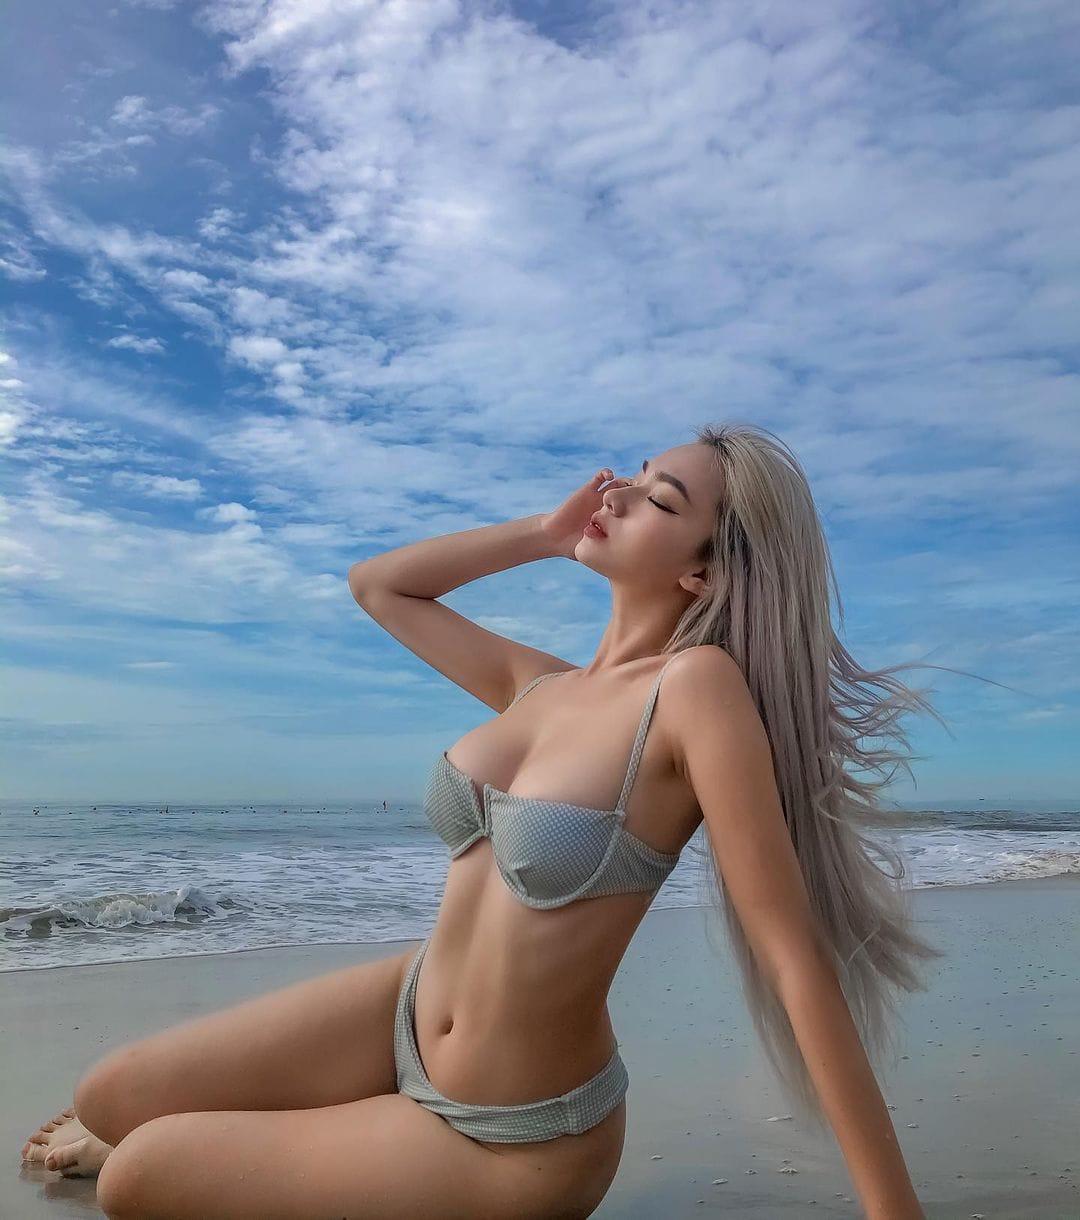 trần nhã ca bikini